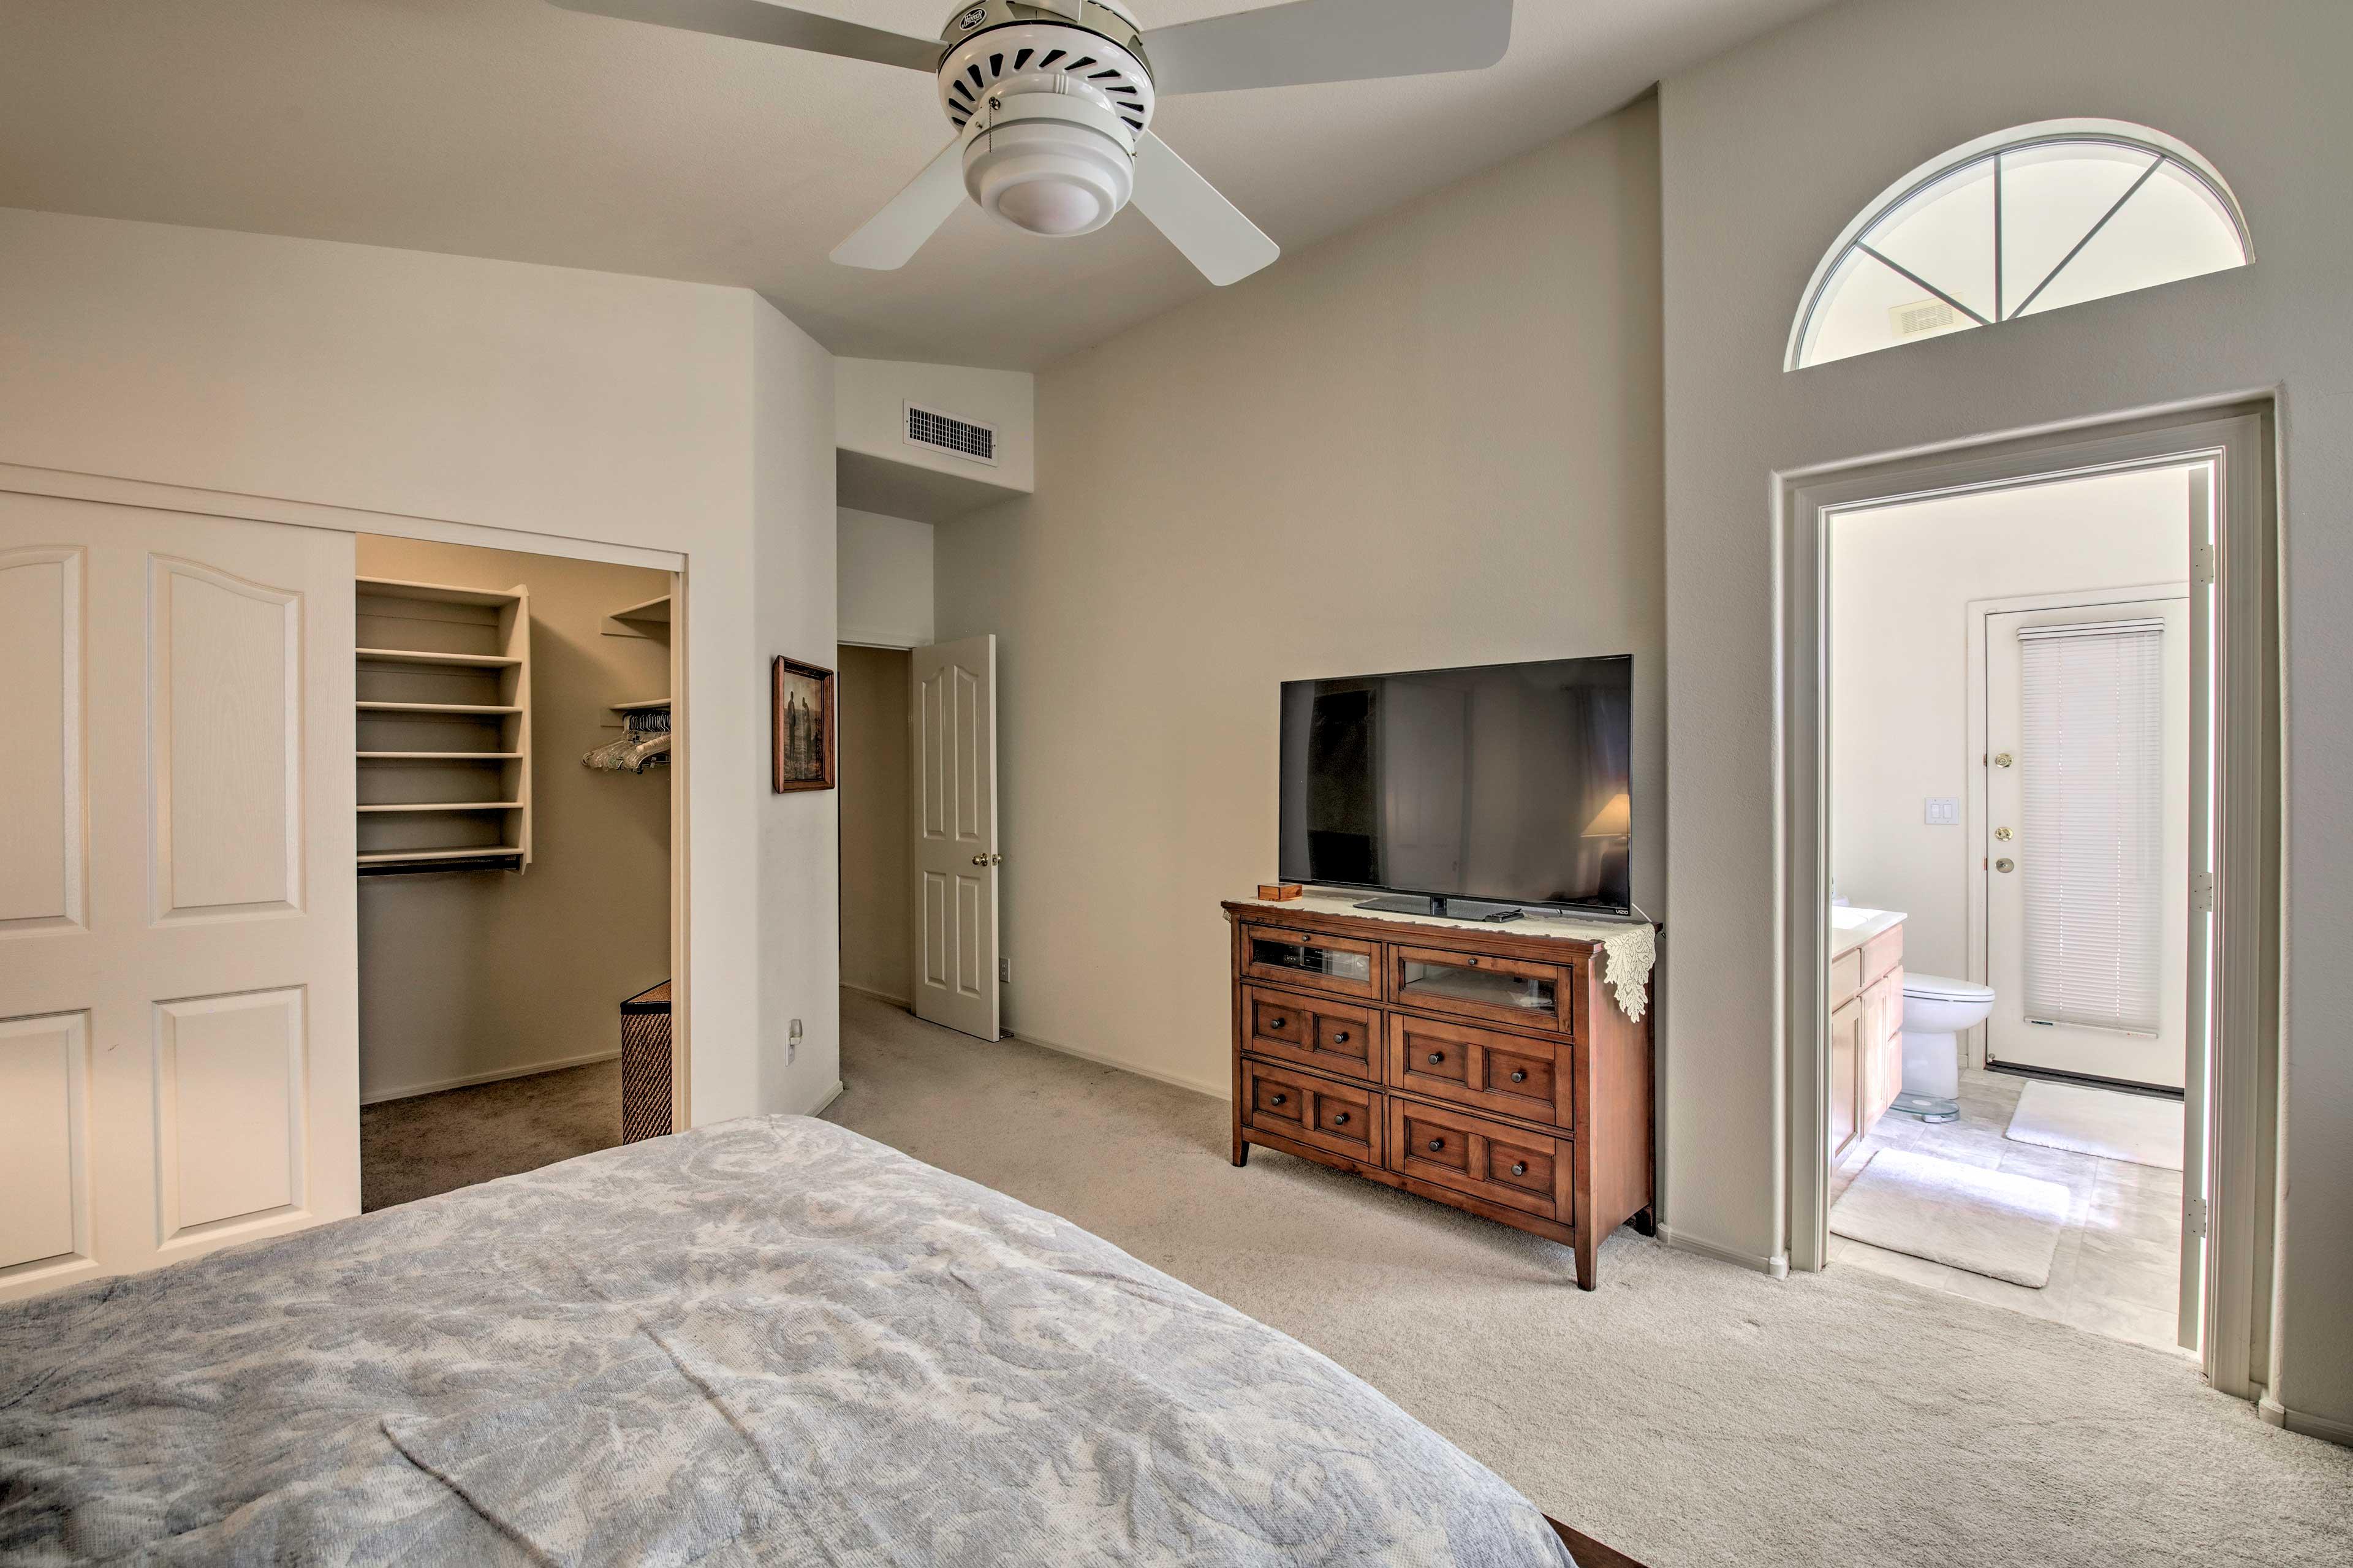 The master bedroom comfortably sleeps 2 in the queen bed.